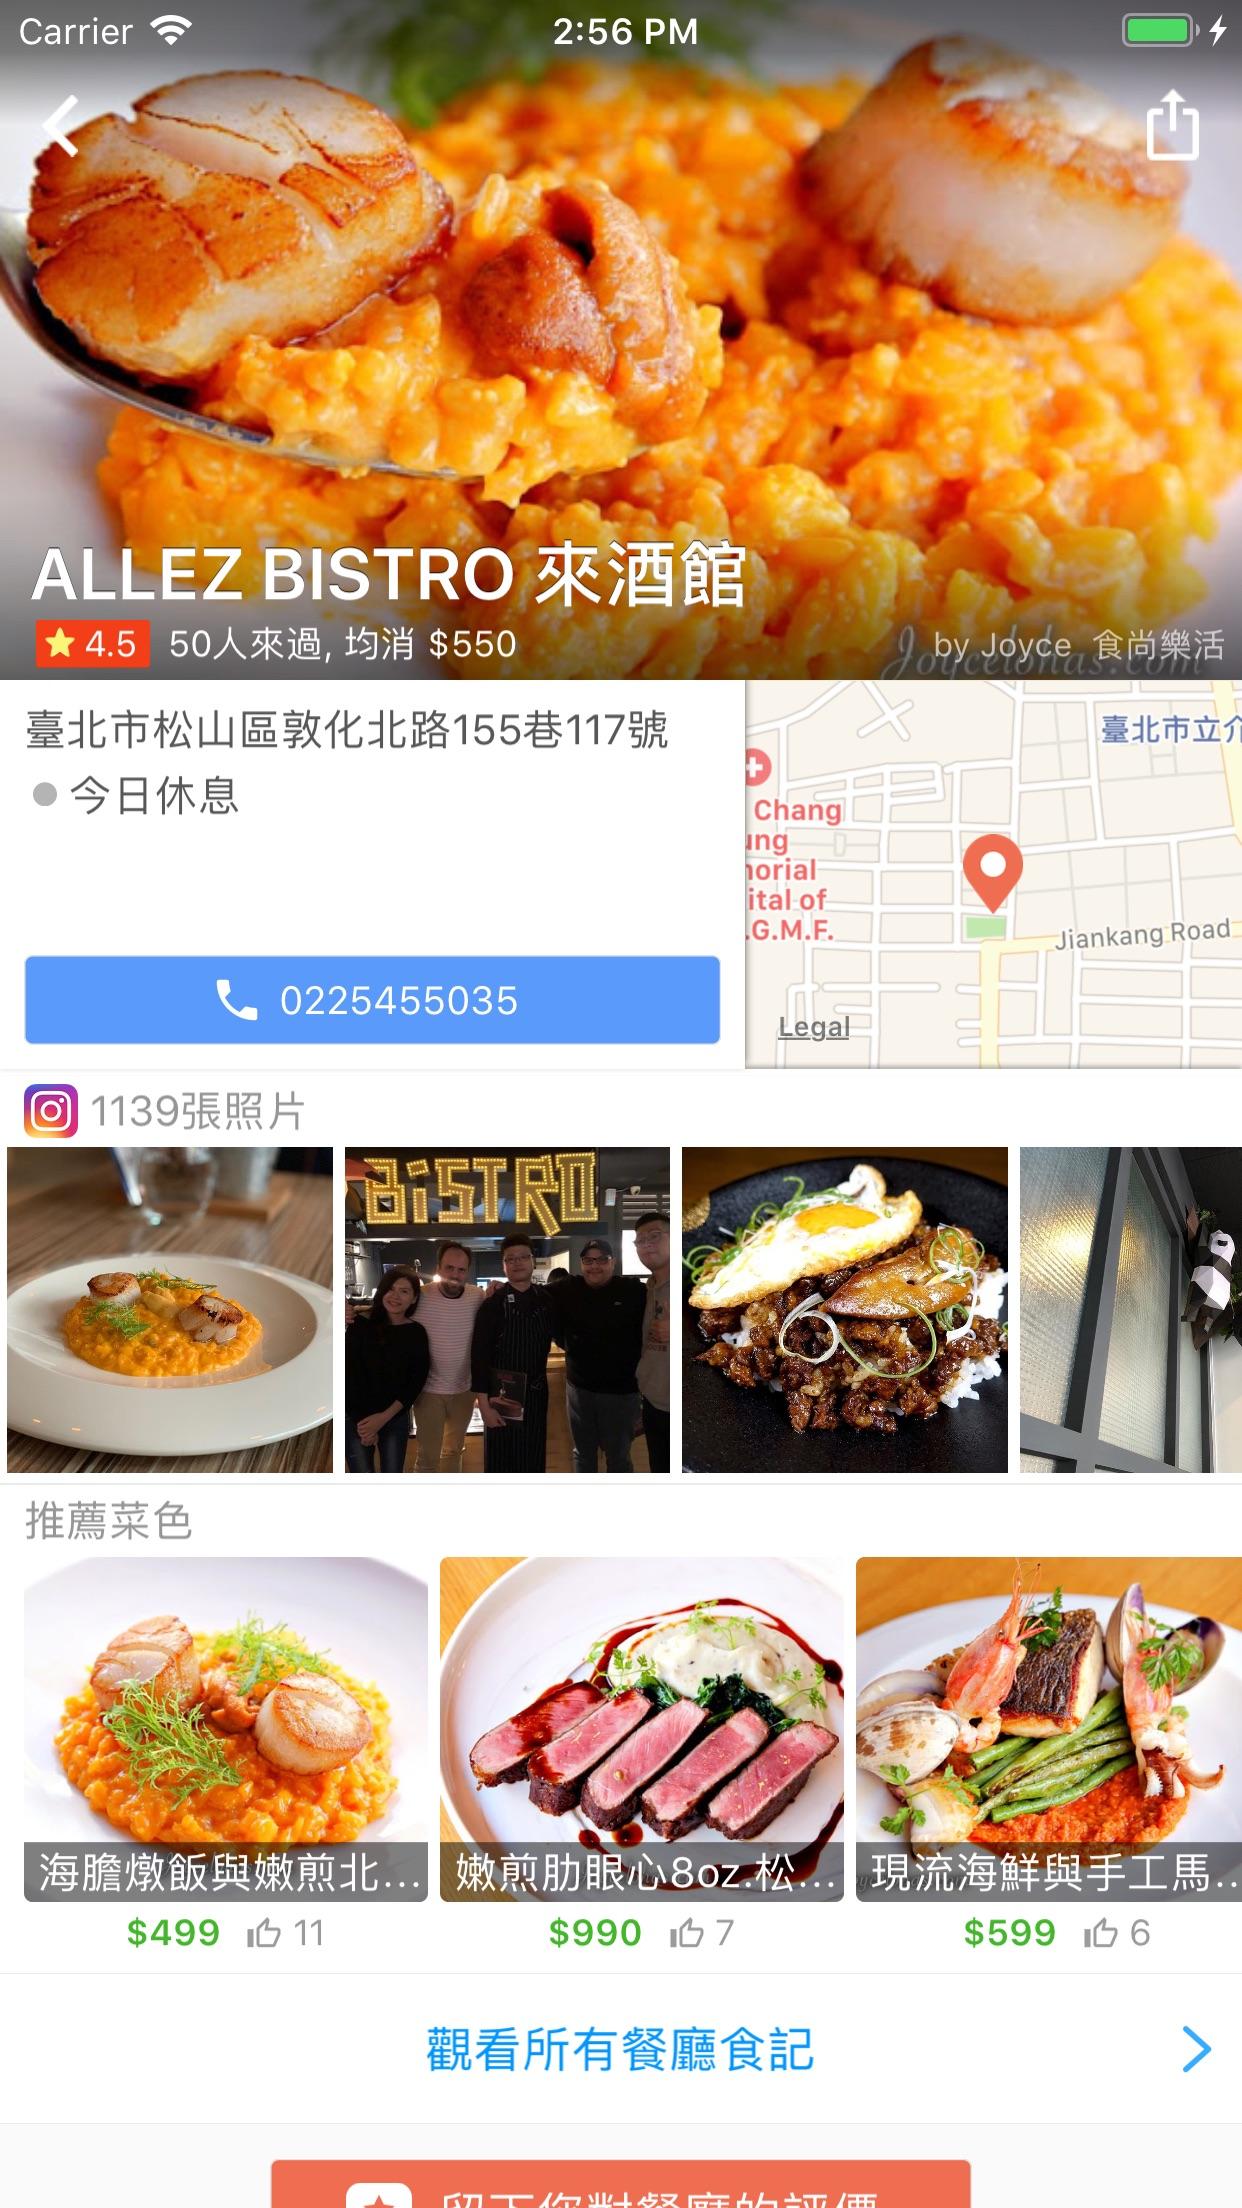 愛食記 - 台灣精選餐廳 x 美食優惠 Screenshot